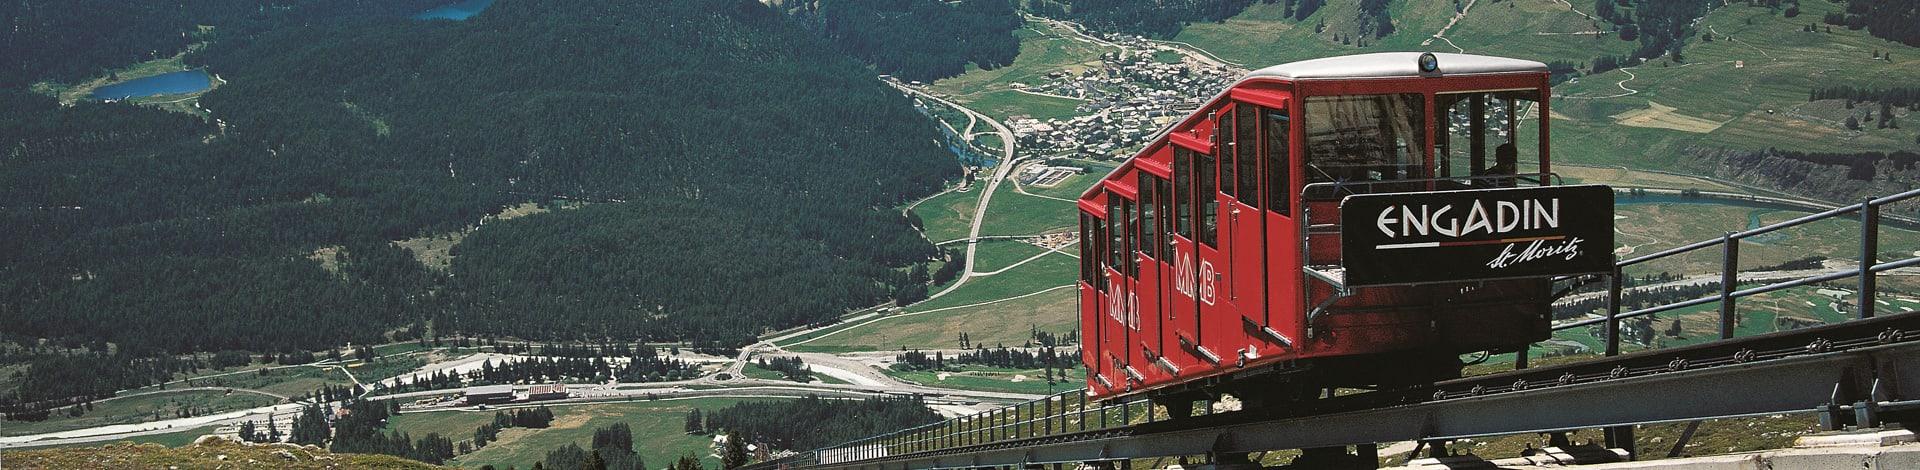 Zahnradbahn St. Moritz